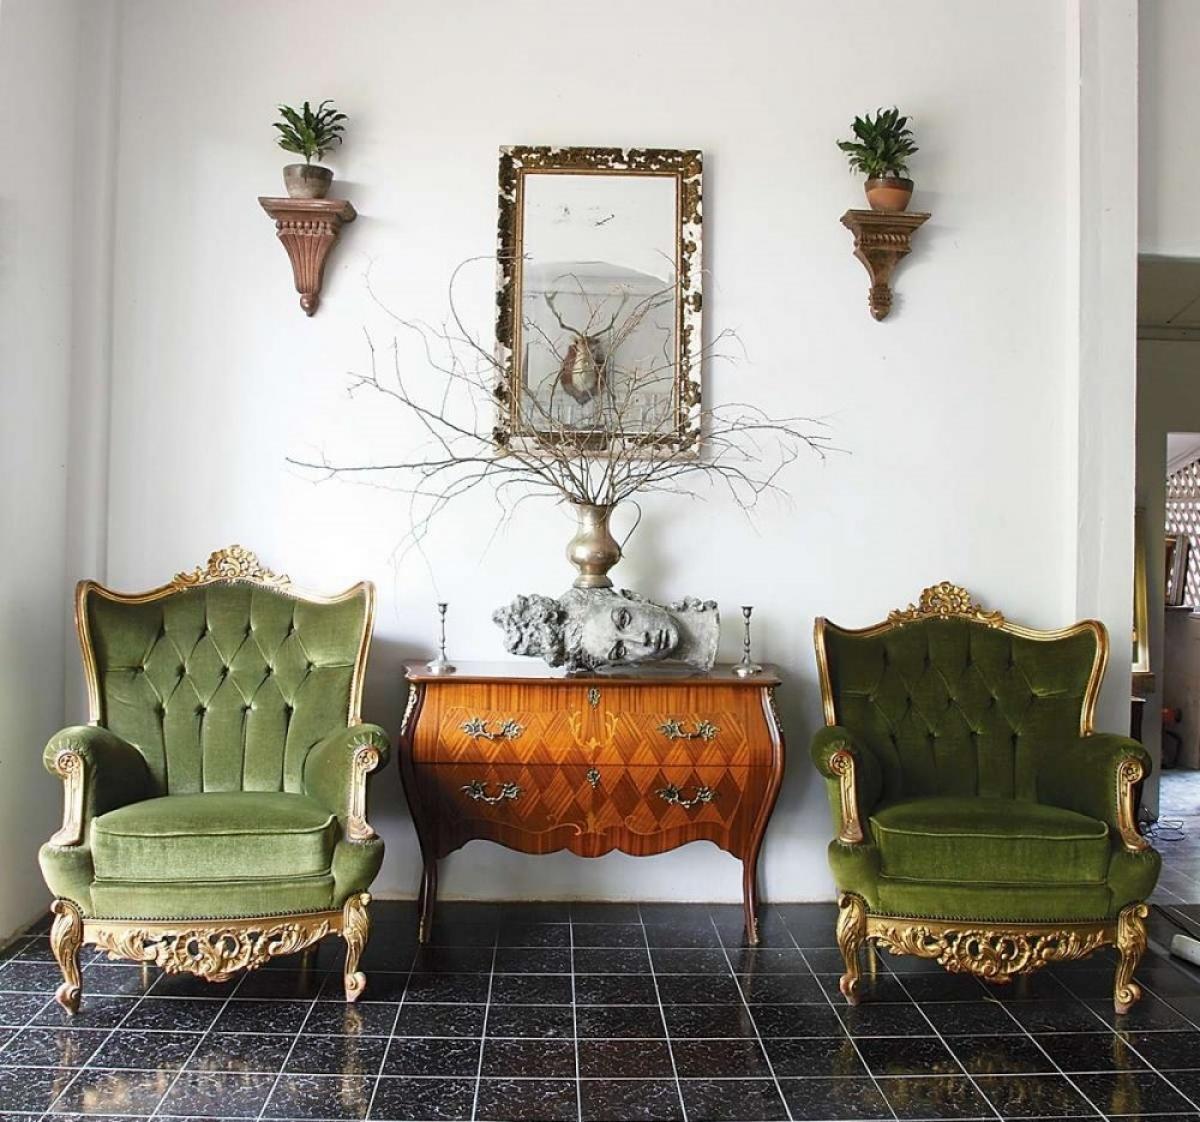 Các tác phẩm tinh tế được bày khắp nơi, khéo léo được tận dụng vừa trang trí vừa có công năng.